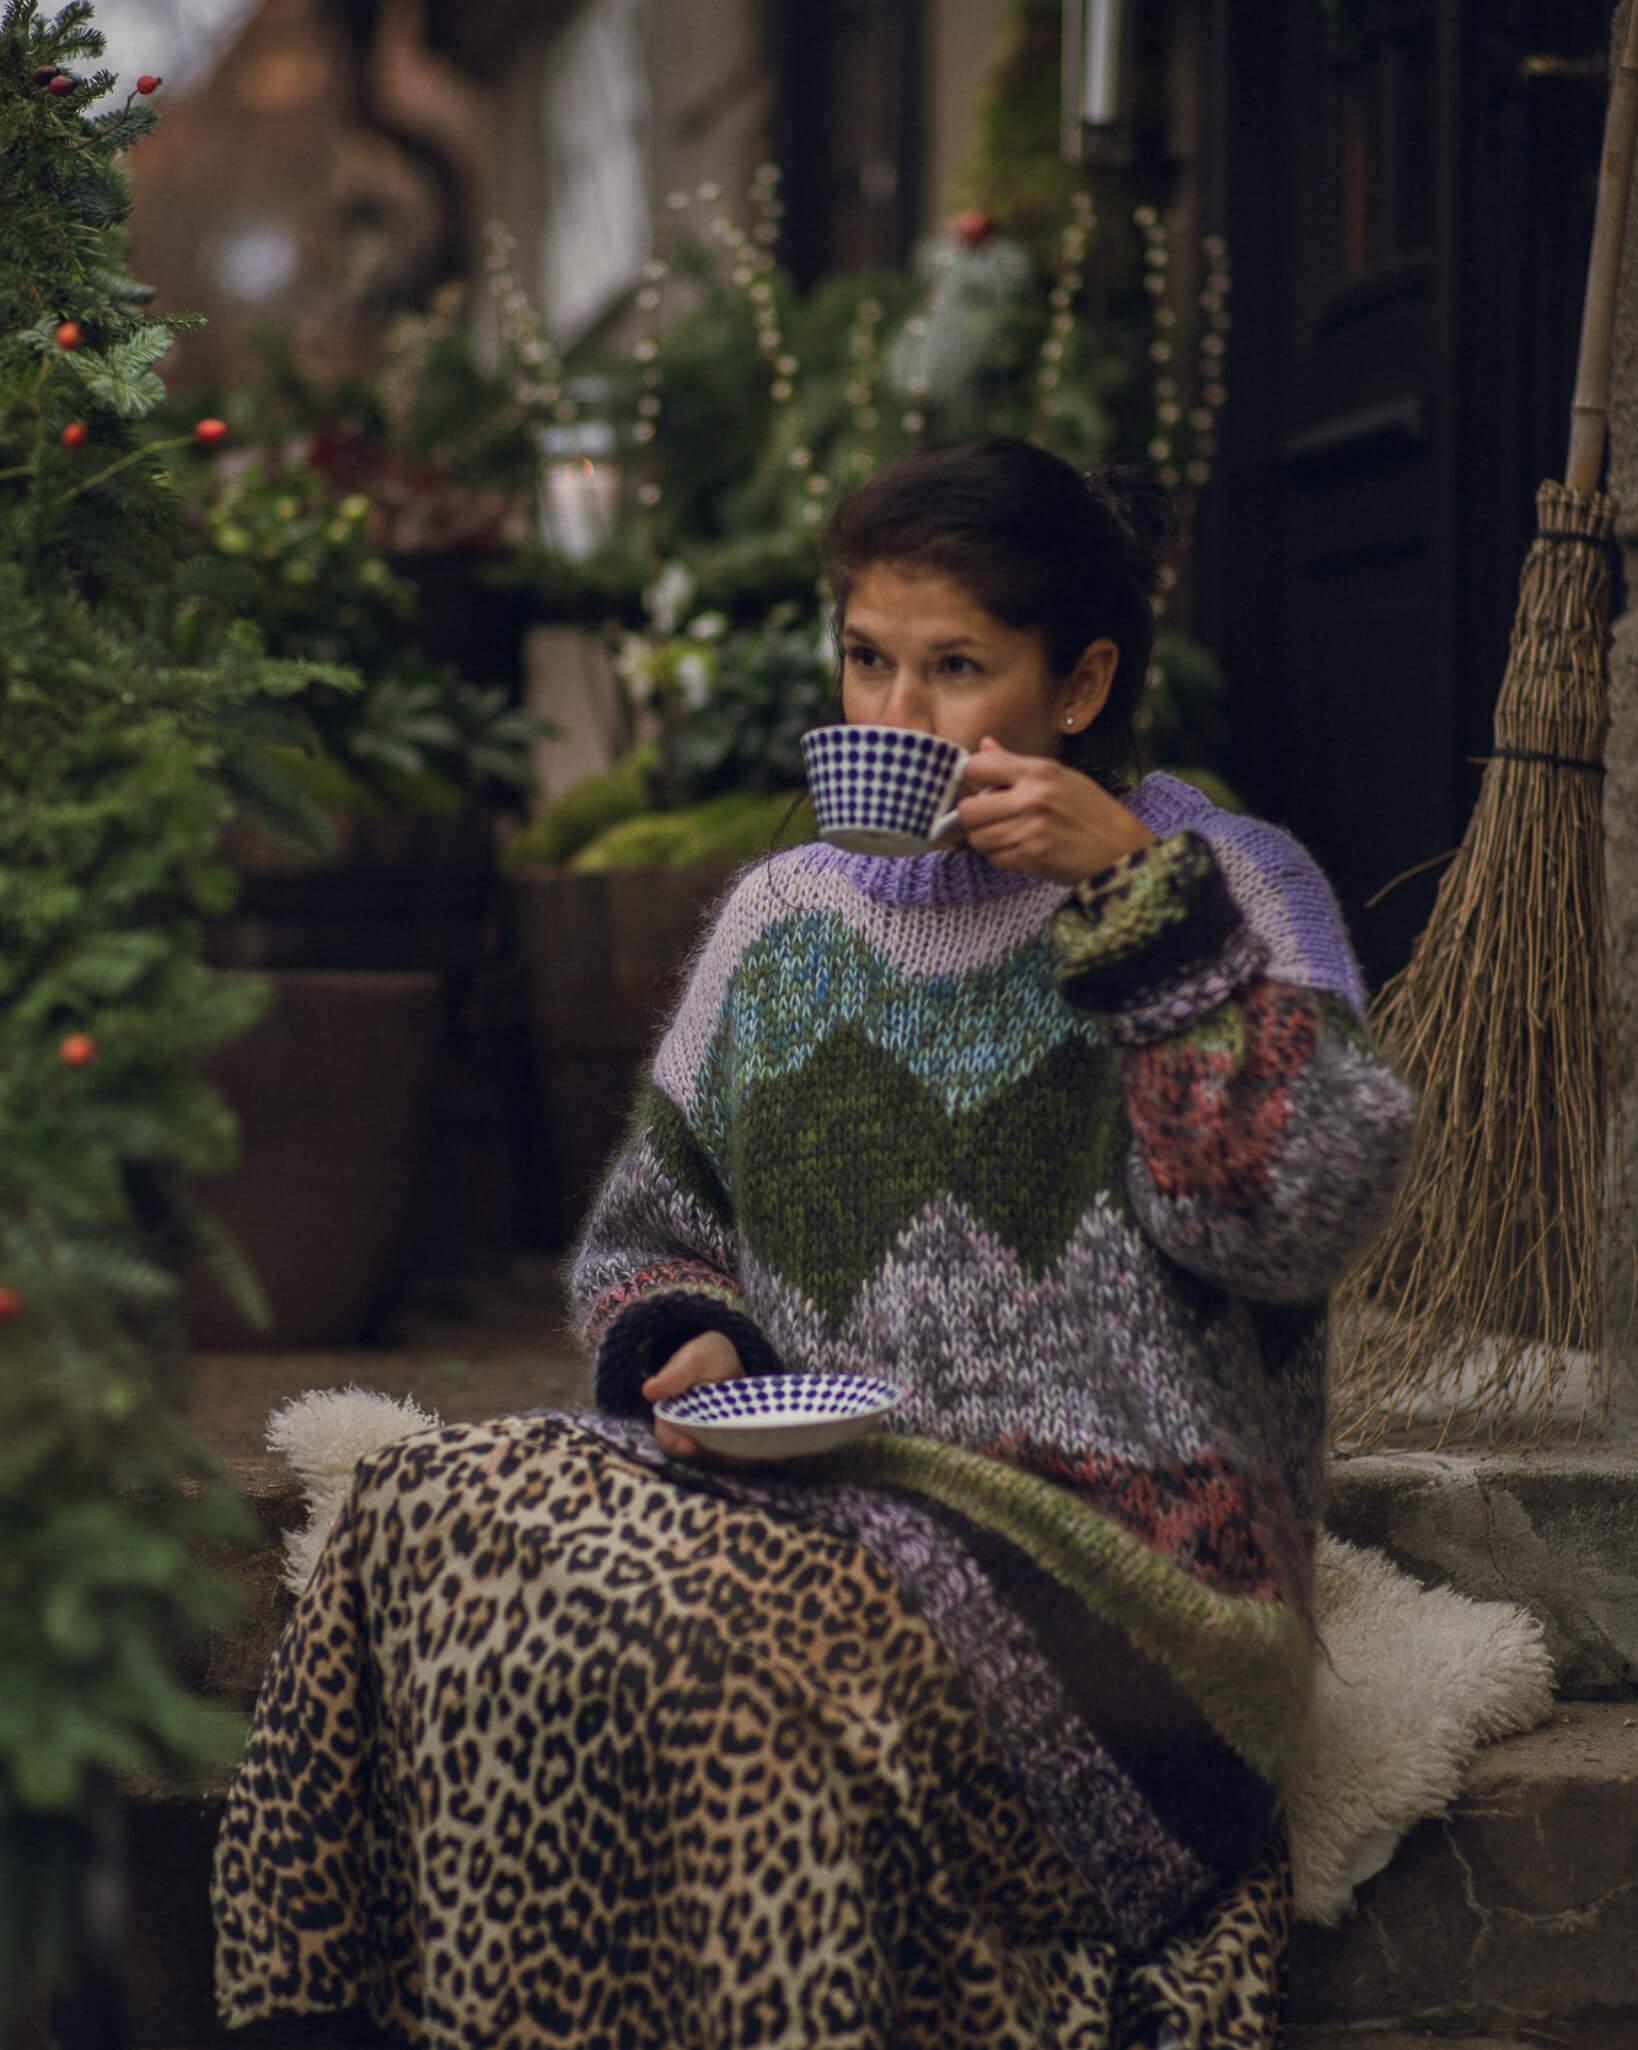 Victoria Dam drikker kaffe i sin grønne hage